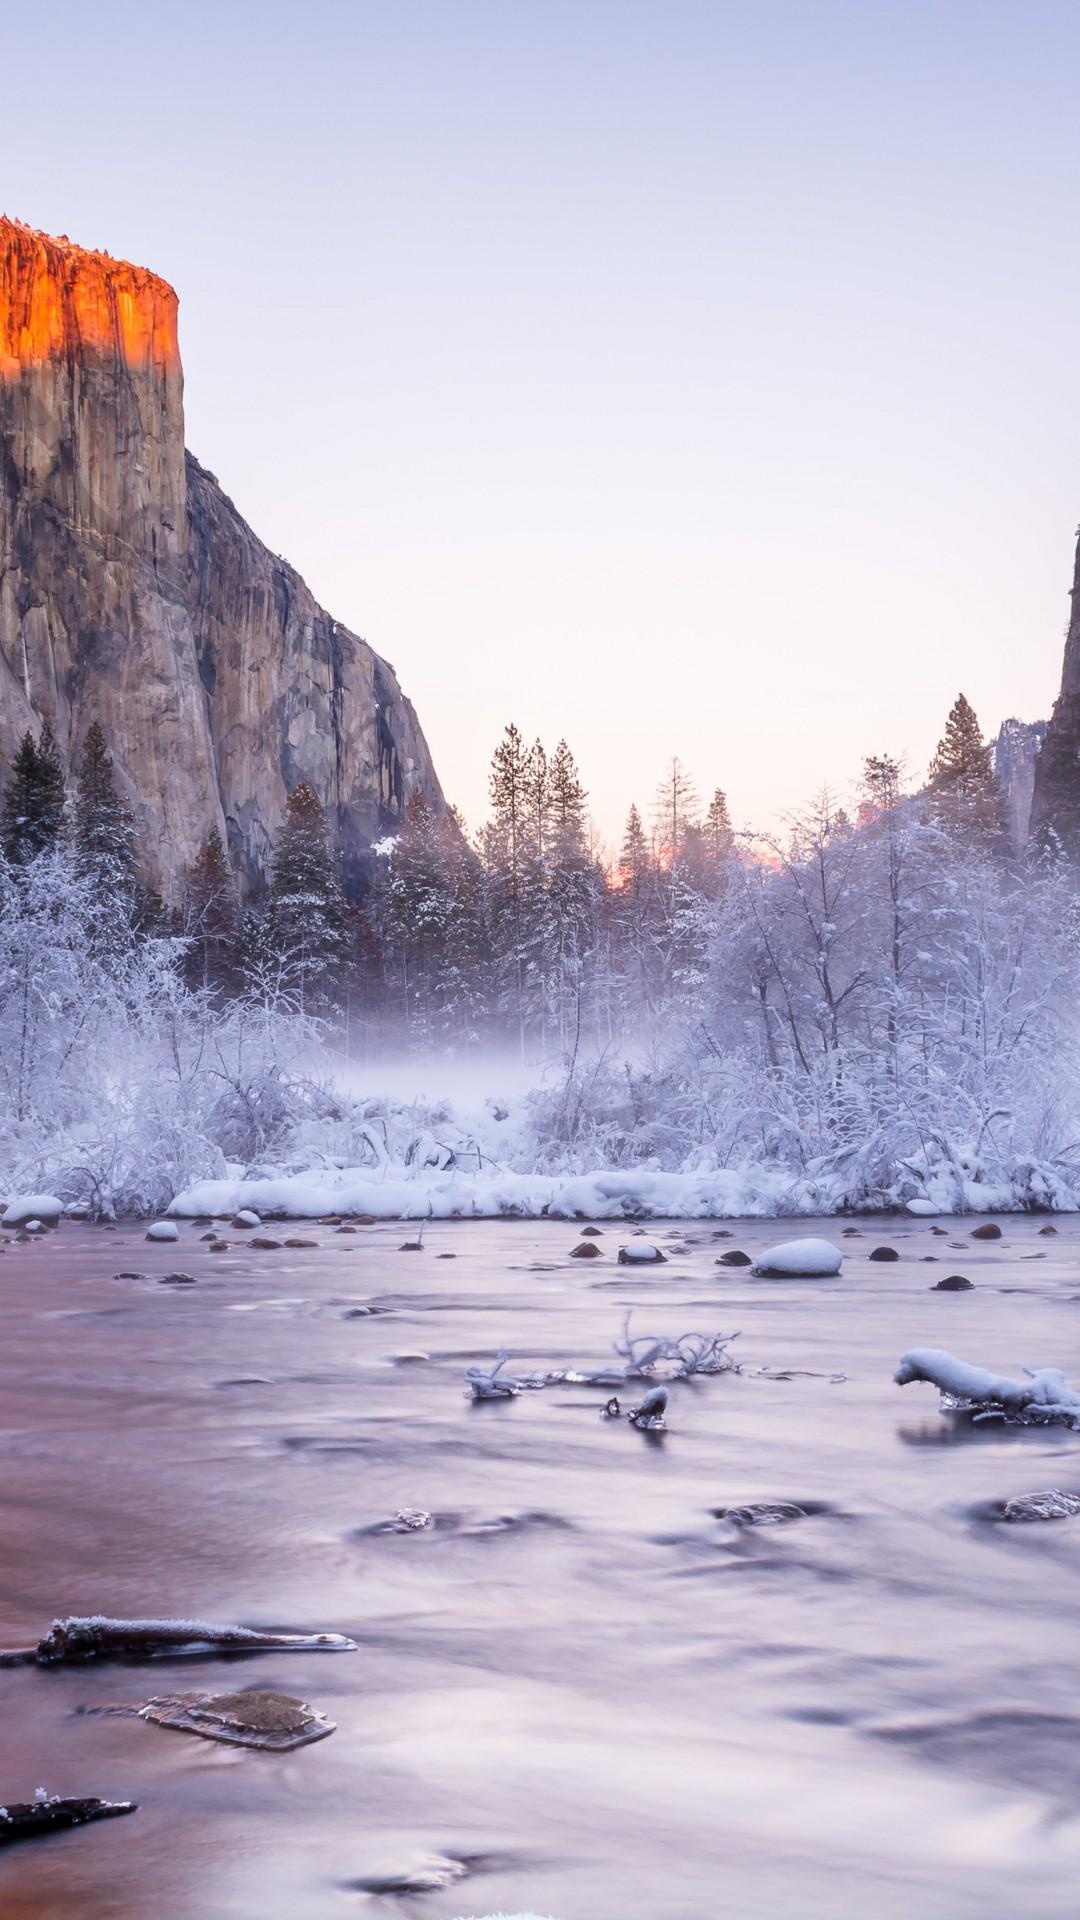 Wallpaper Hd Clouds Wallpaper Yosemite 5k 4k Wallpaper National Park